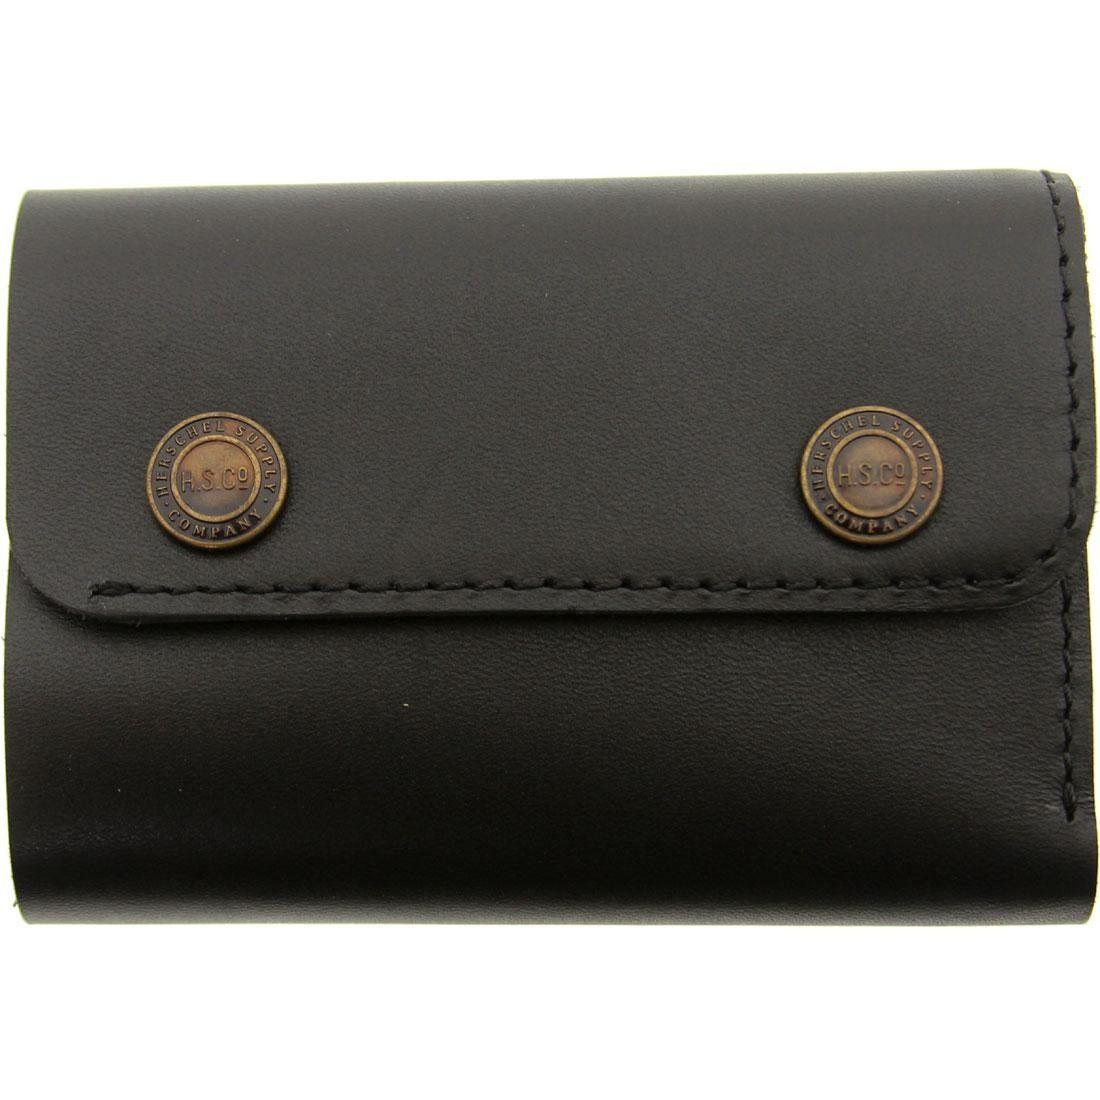 Herschel Supply Co Spencer Premium Leather Wallet (black) | BAIT